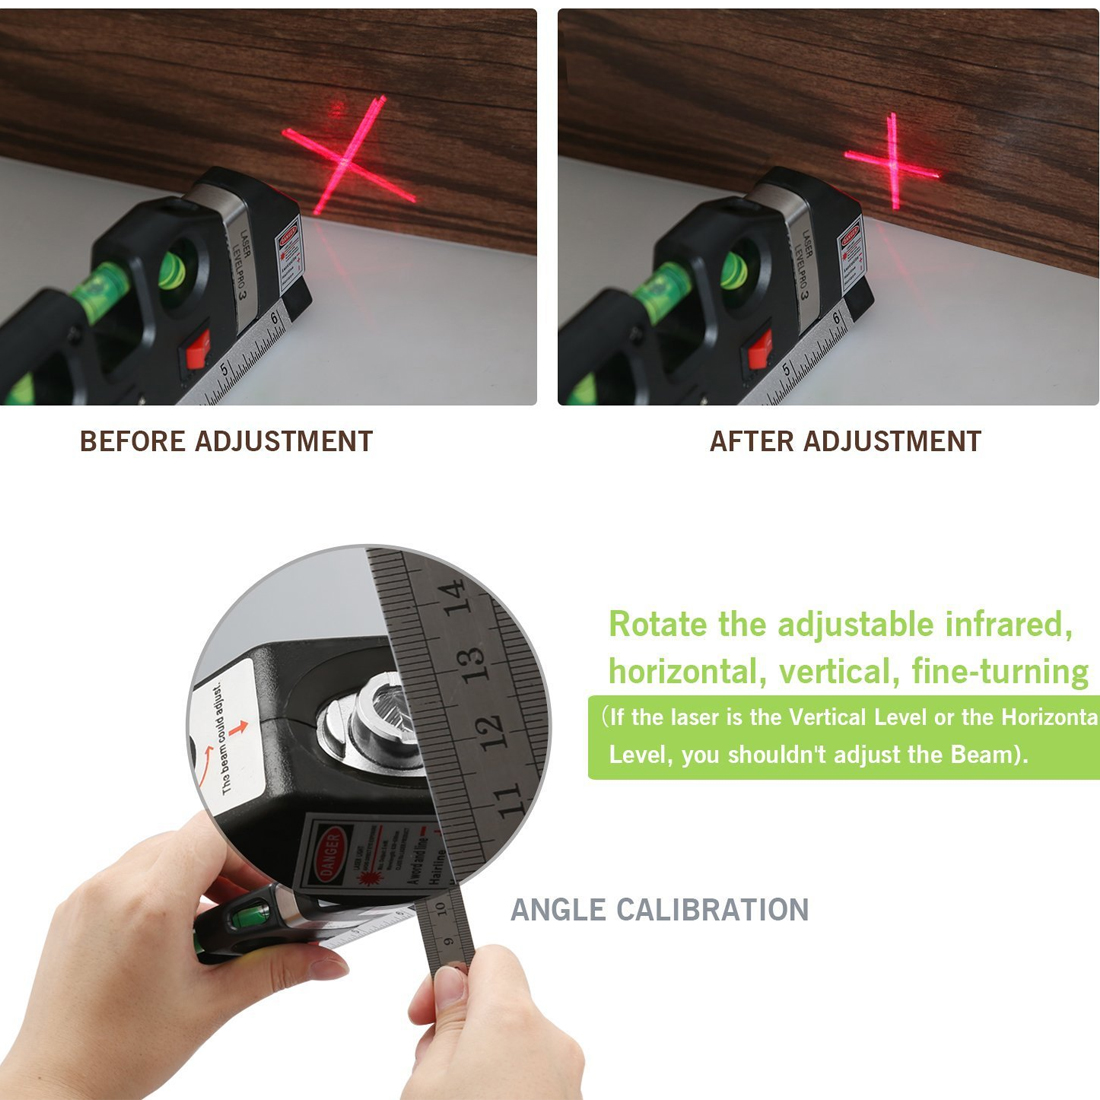 Laser Horizon Vertical Messen 8FT Aligner Standard und Metrischen Herrscher Mehrzweck Messen Level Laser Schwarz